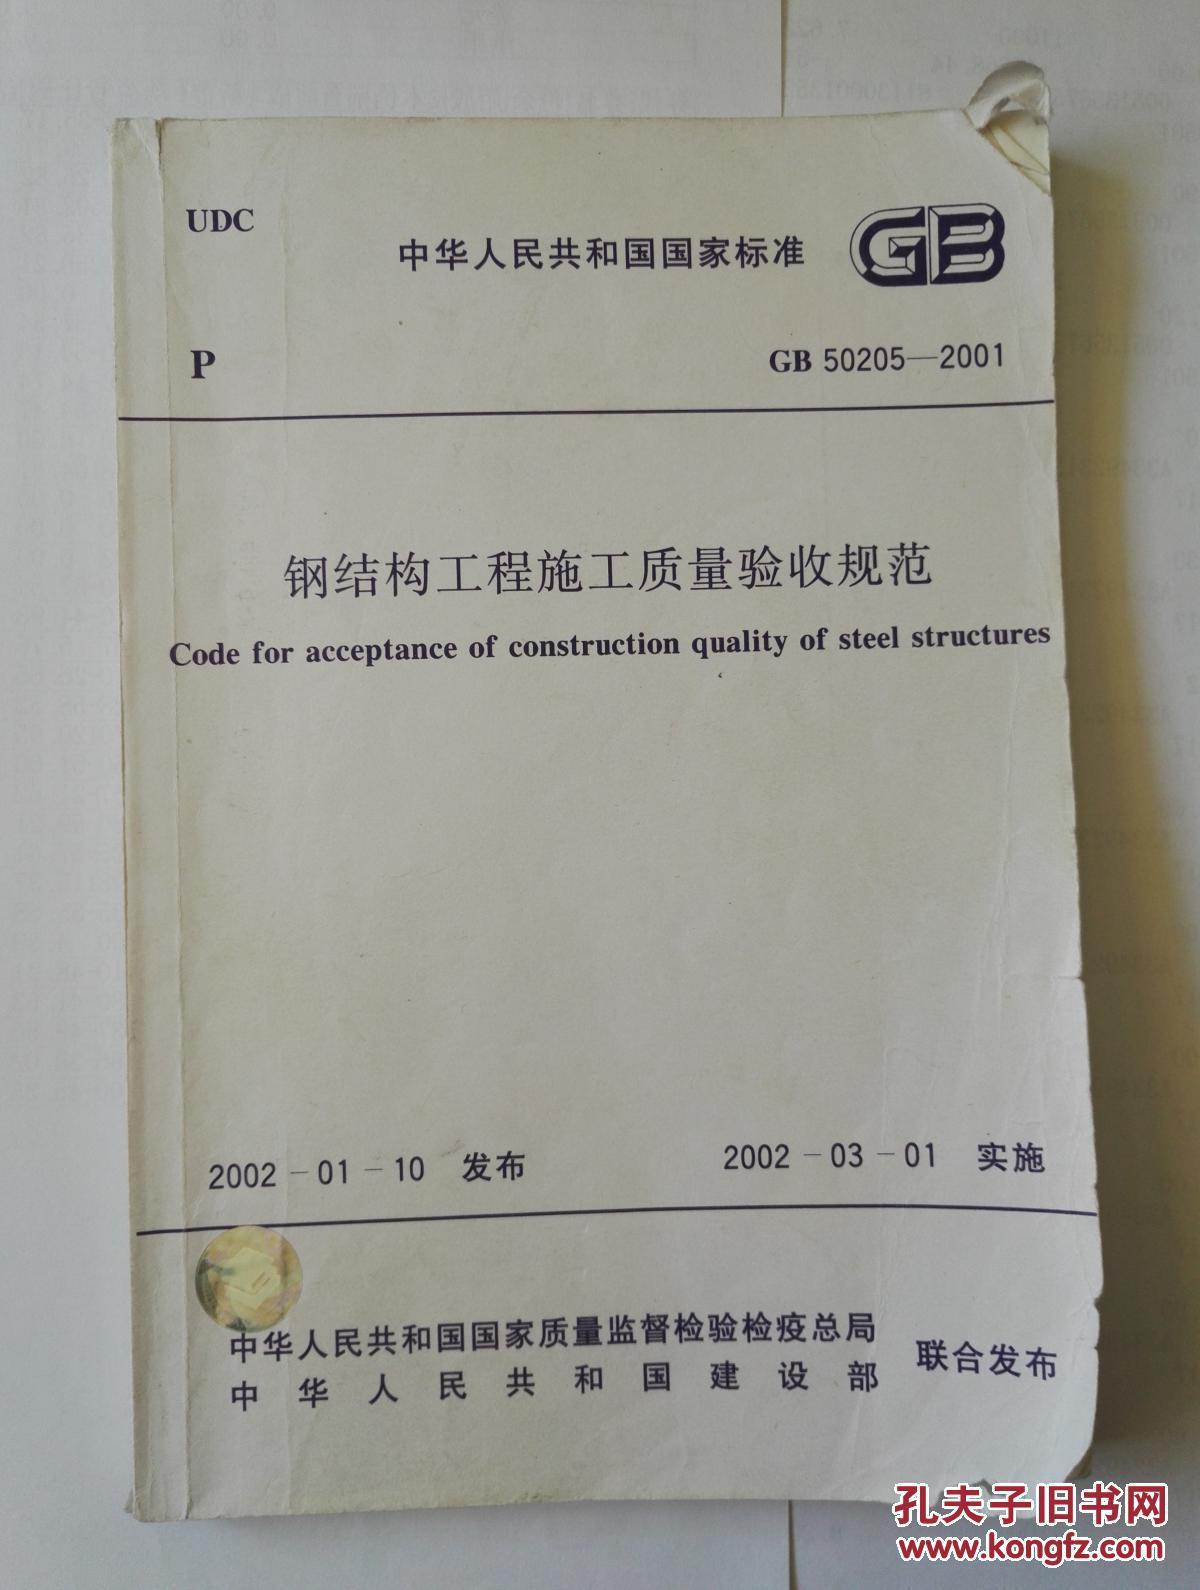 【图】《钢结构工程施工质量验收规范》GB50